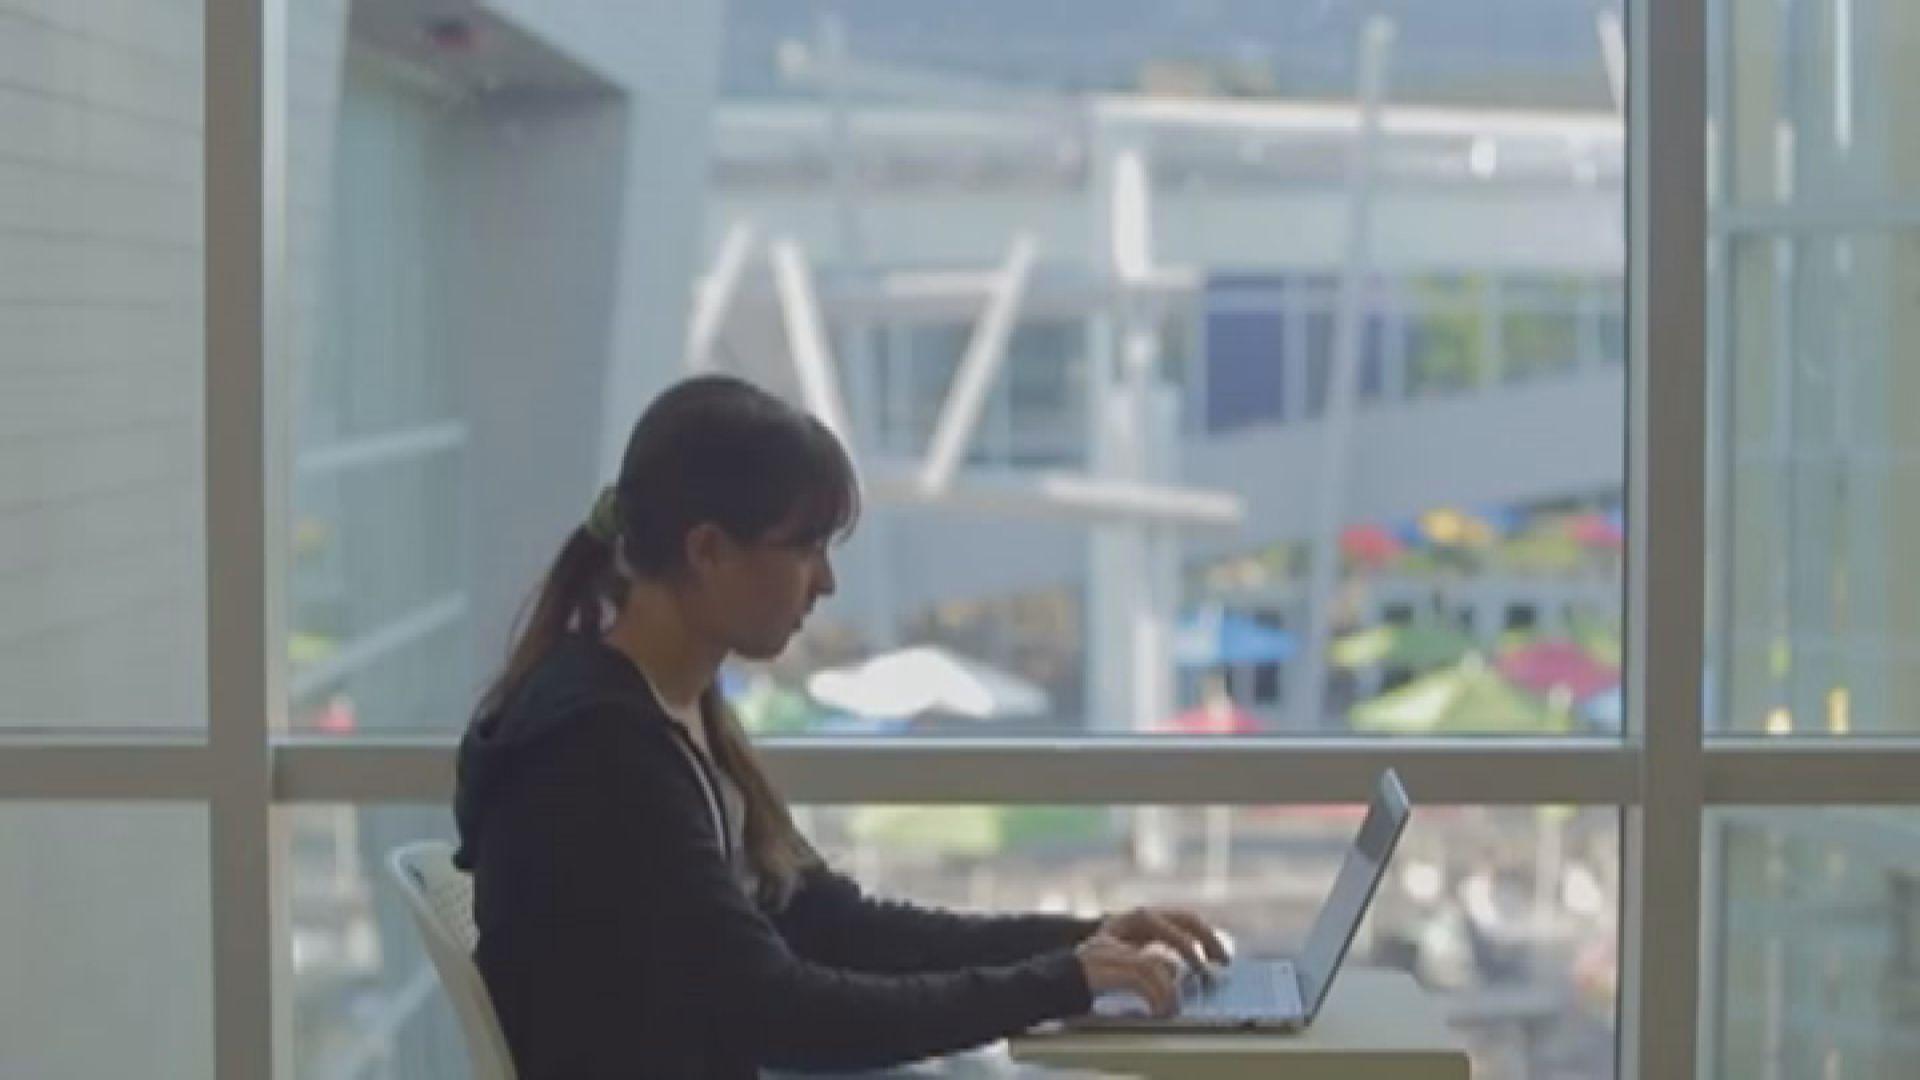 【環球薈報】Google在家工作員工或將面臨減薪